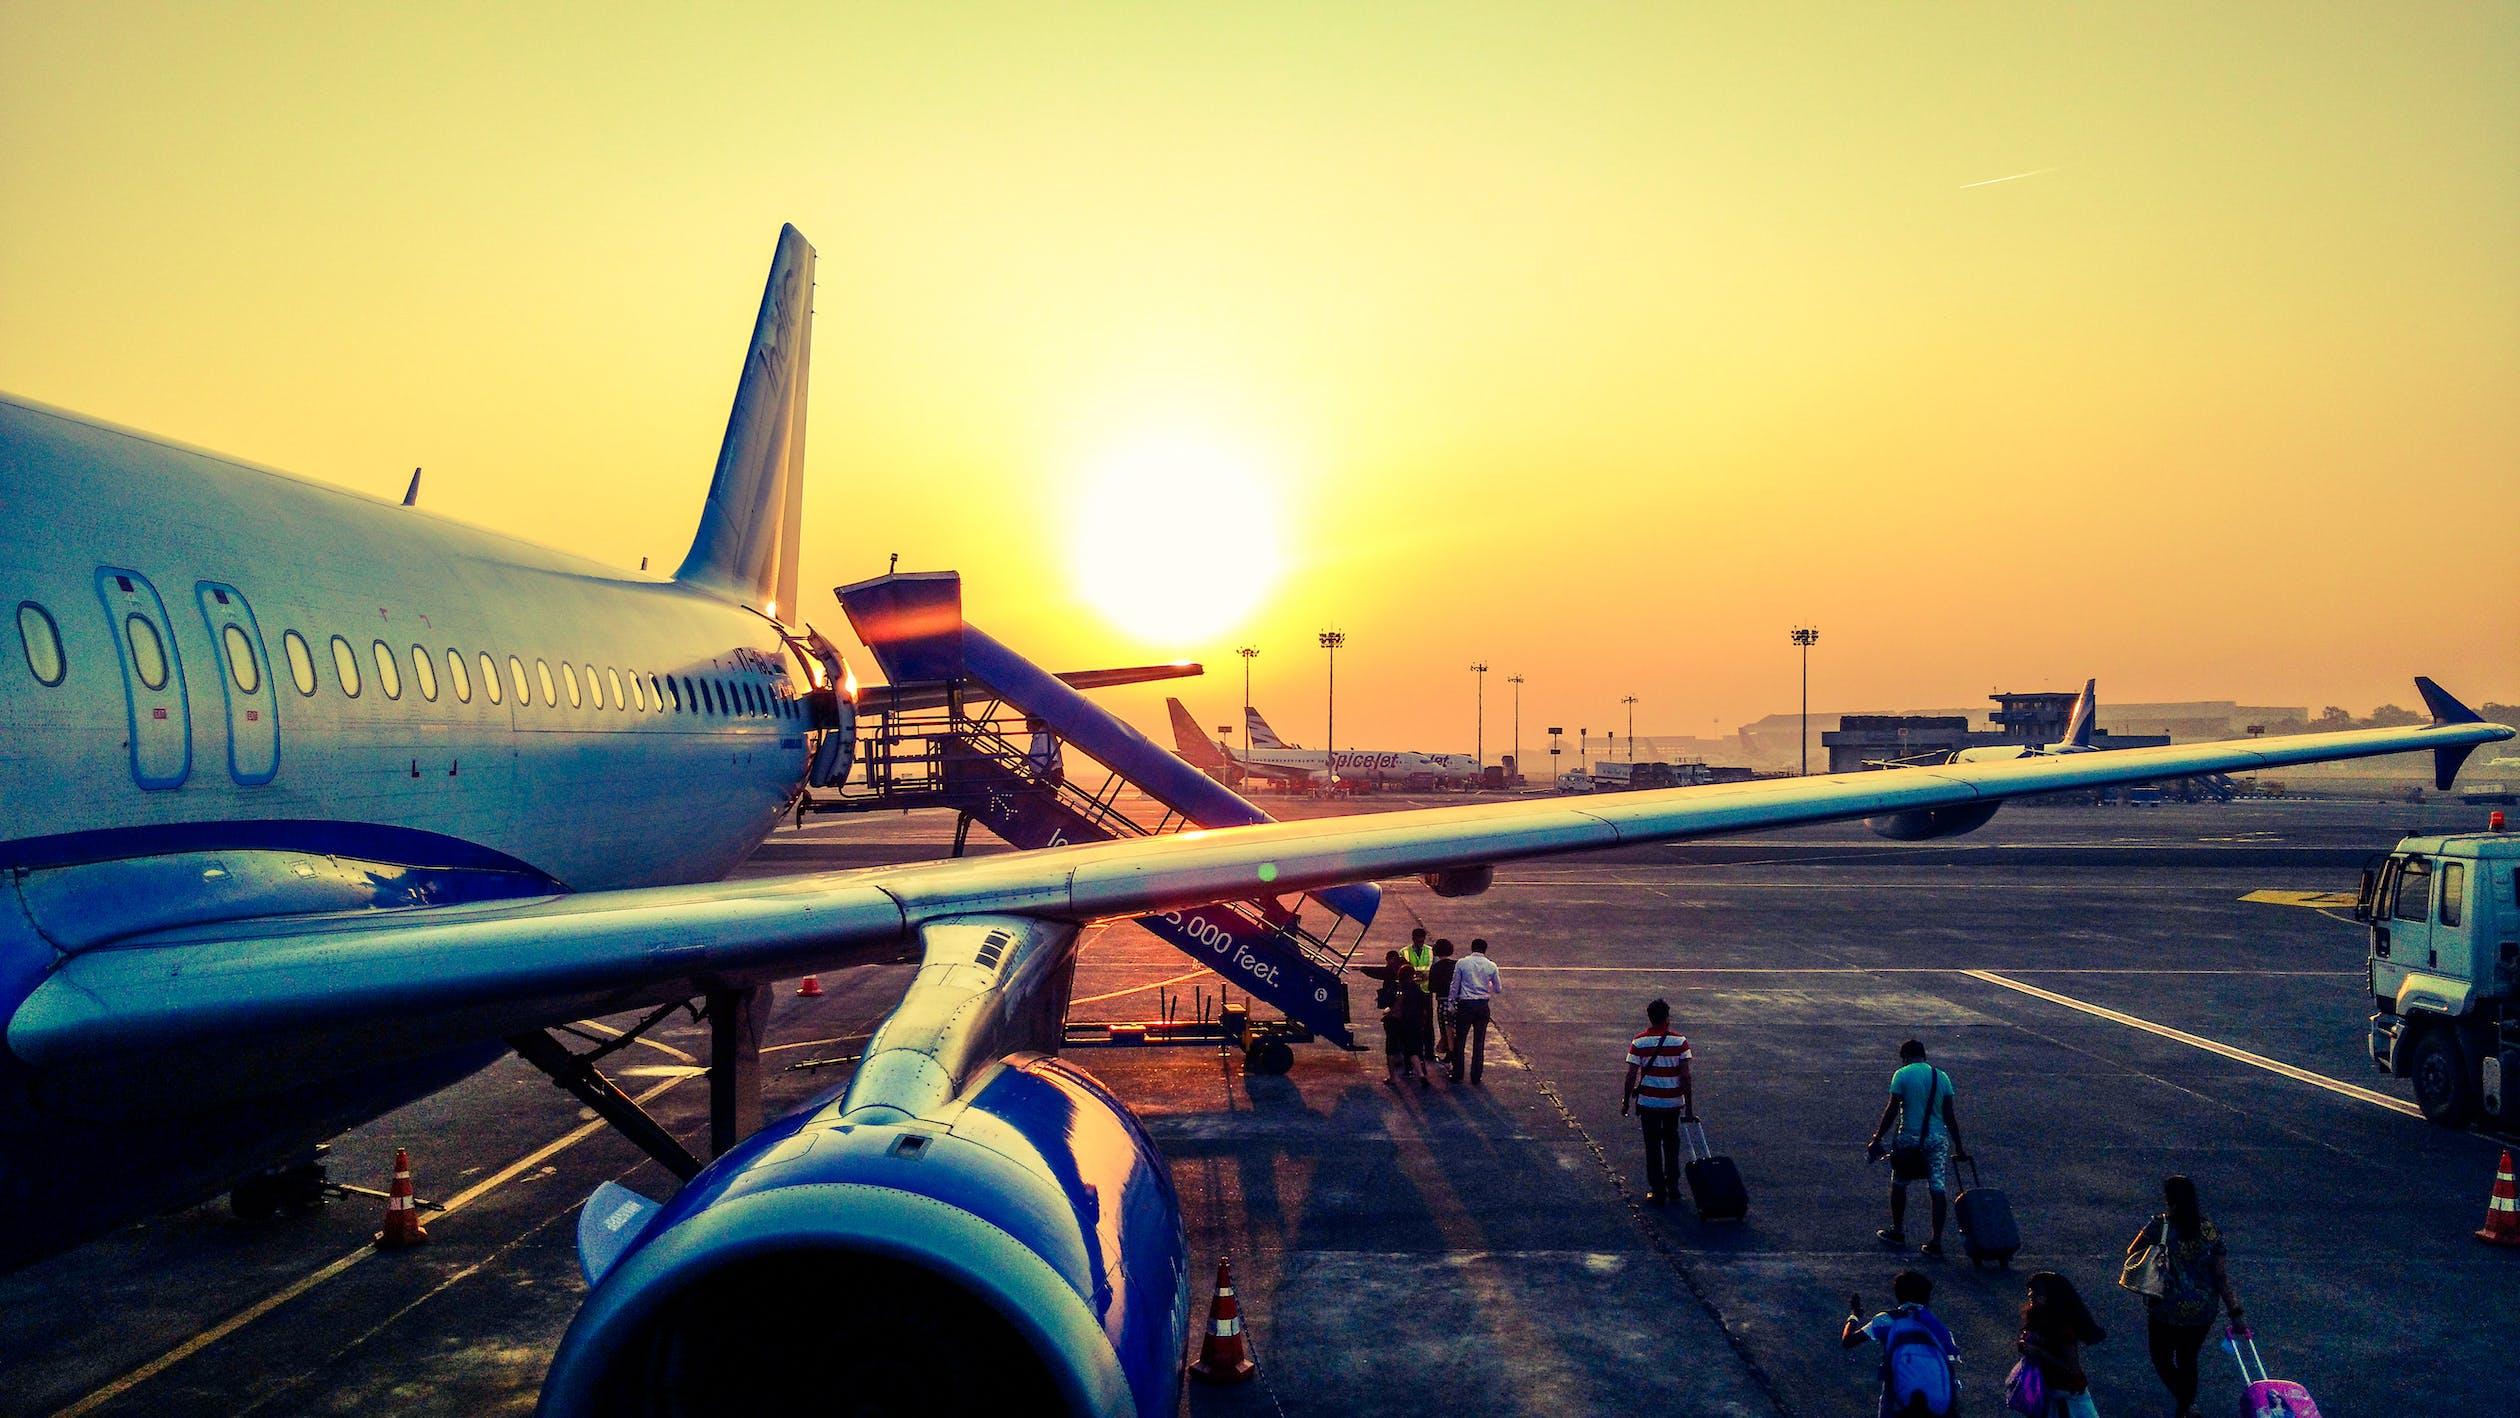 Balance numérique pour valise idéal avant chaque voyages